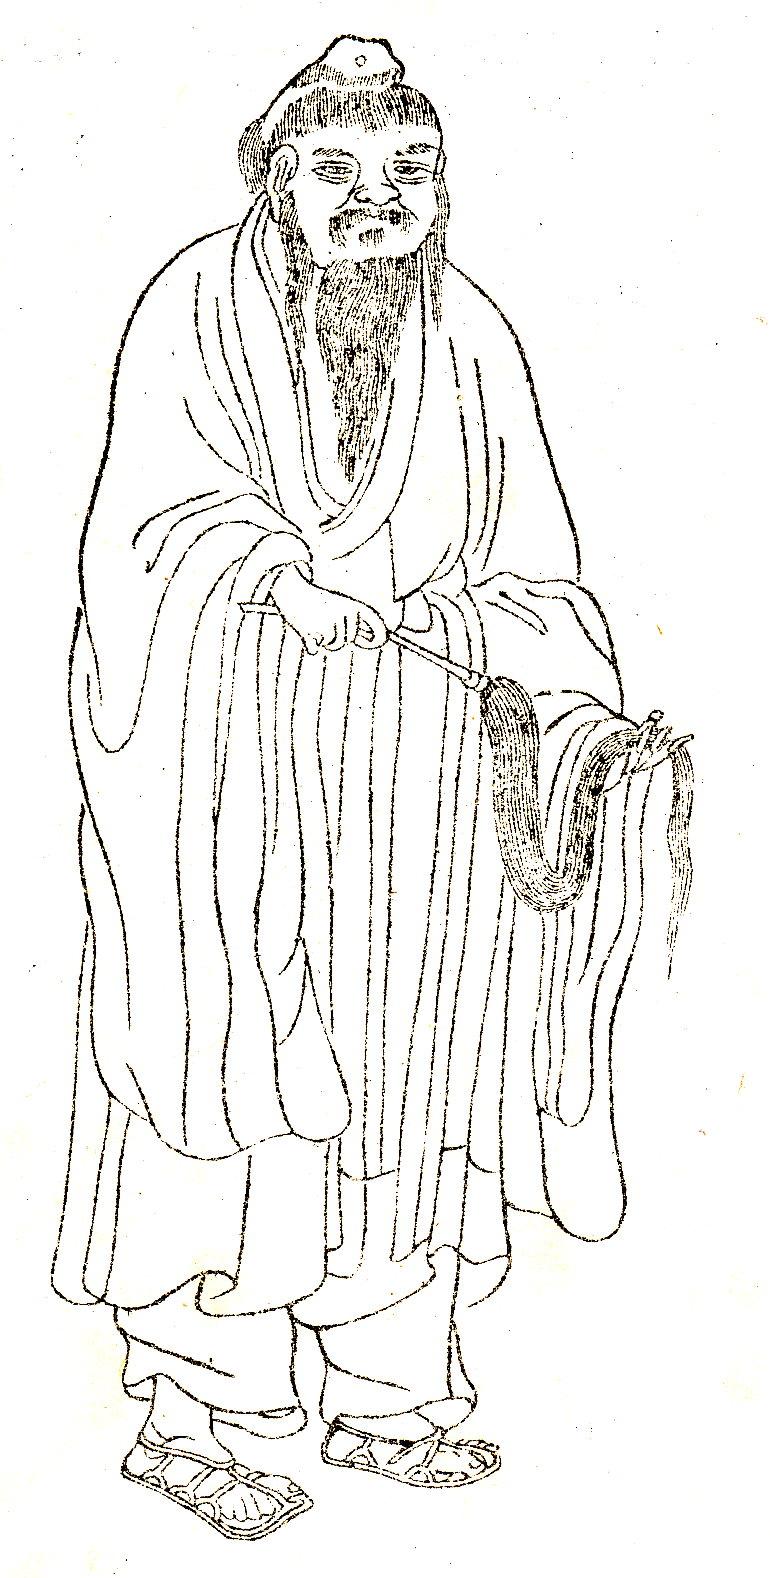 唐道士 司马承祯(晩笑堂竹荘画传)。(公有领域)